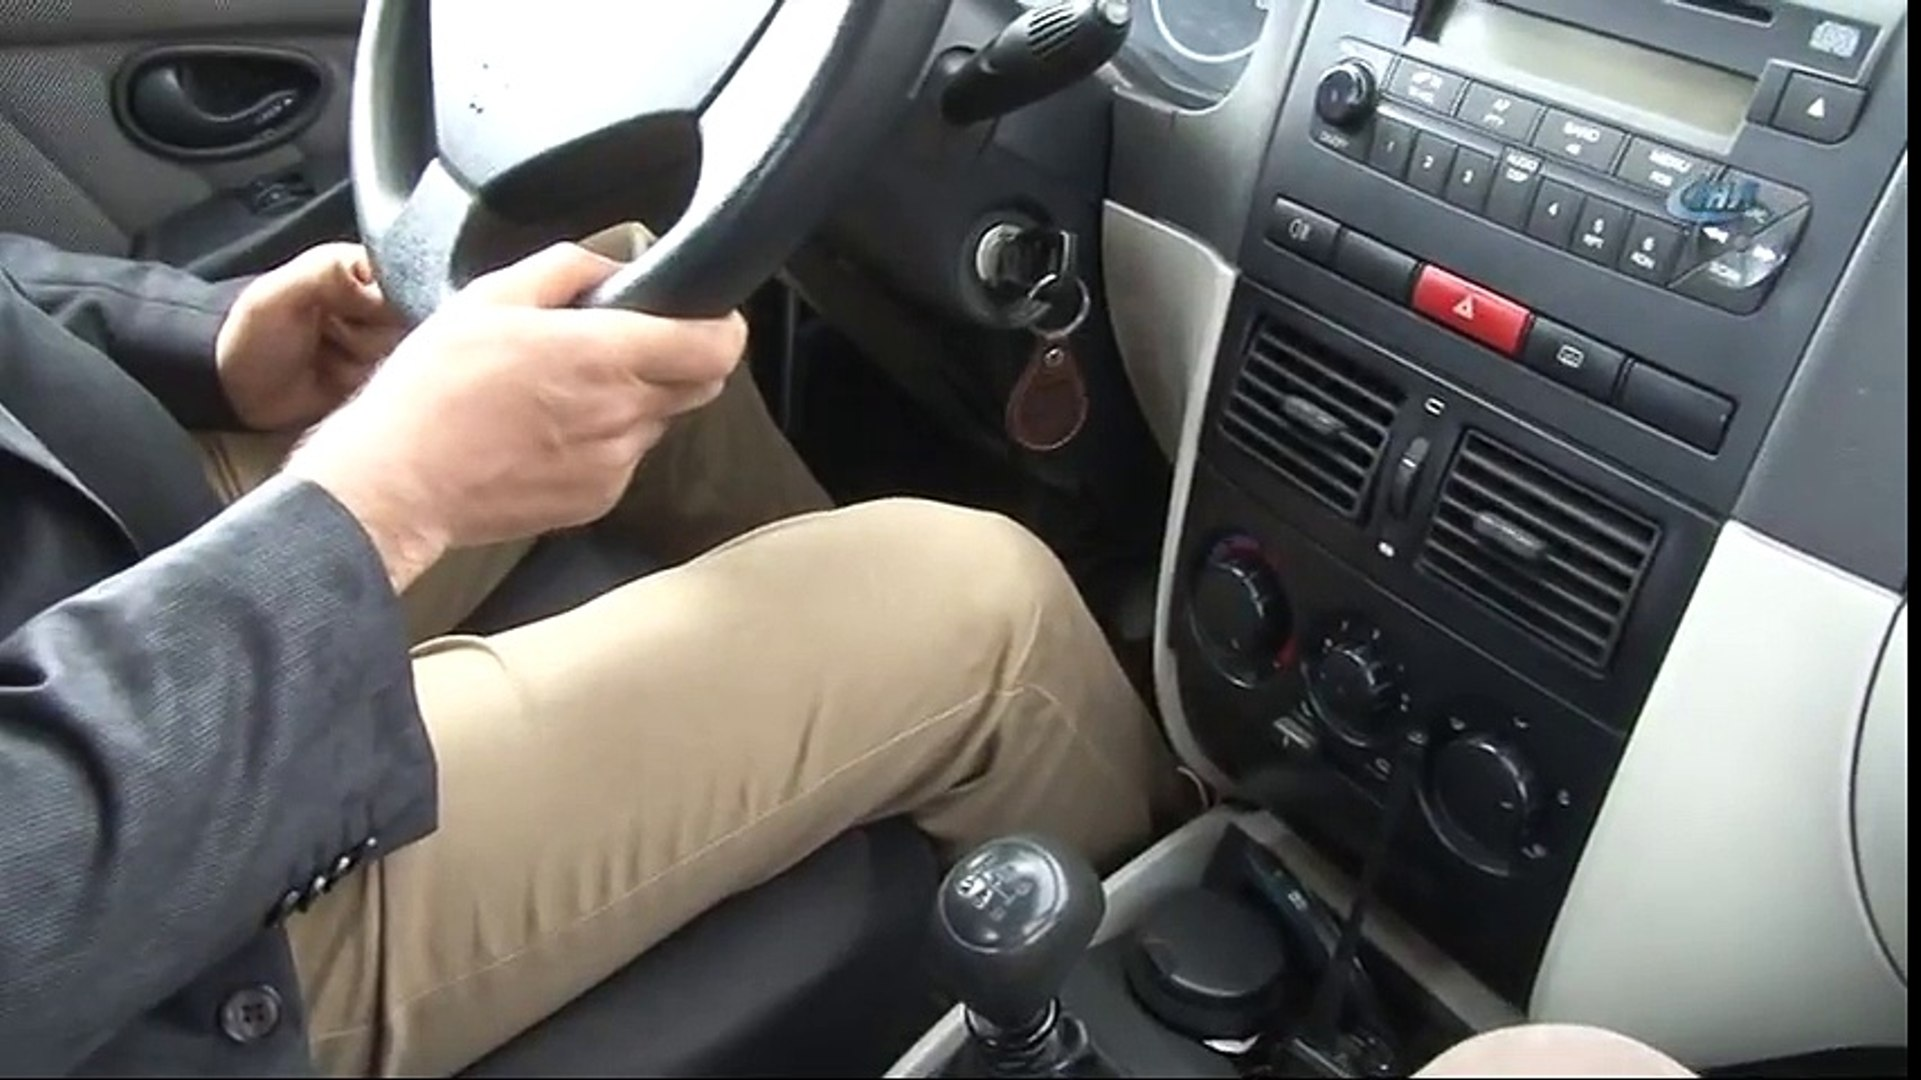 Gizemli Yolda Boşta Bırakılan Araçlar Kendi Rampa Çıkıyor